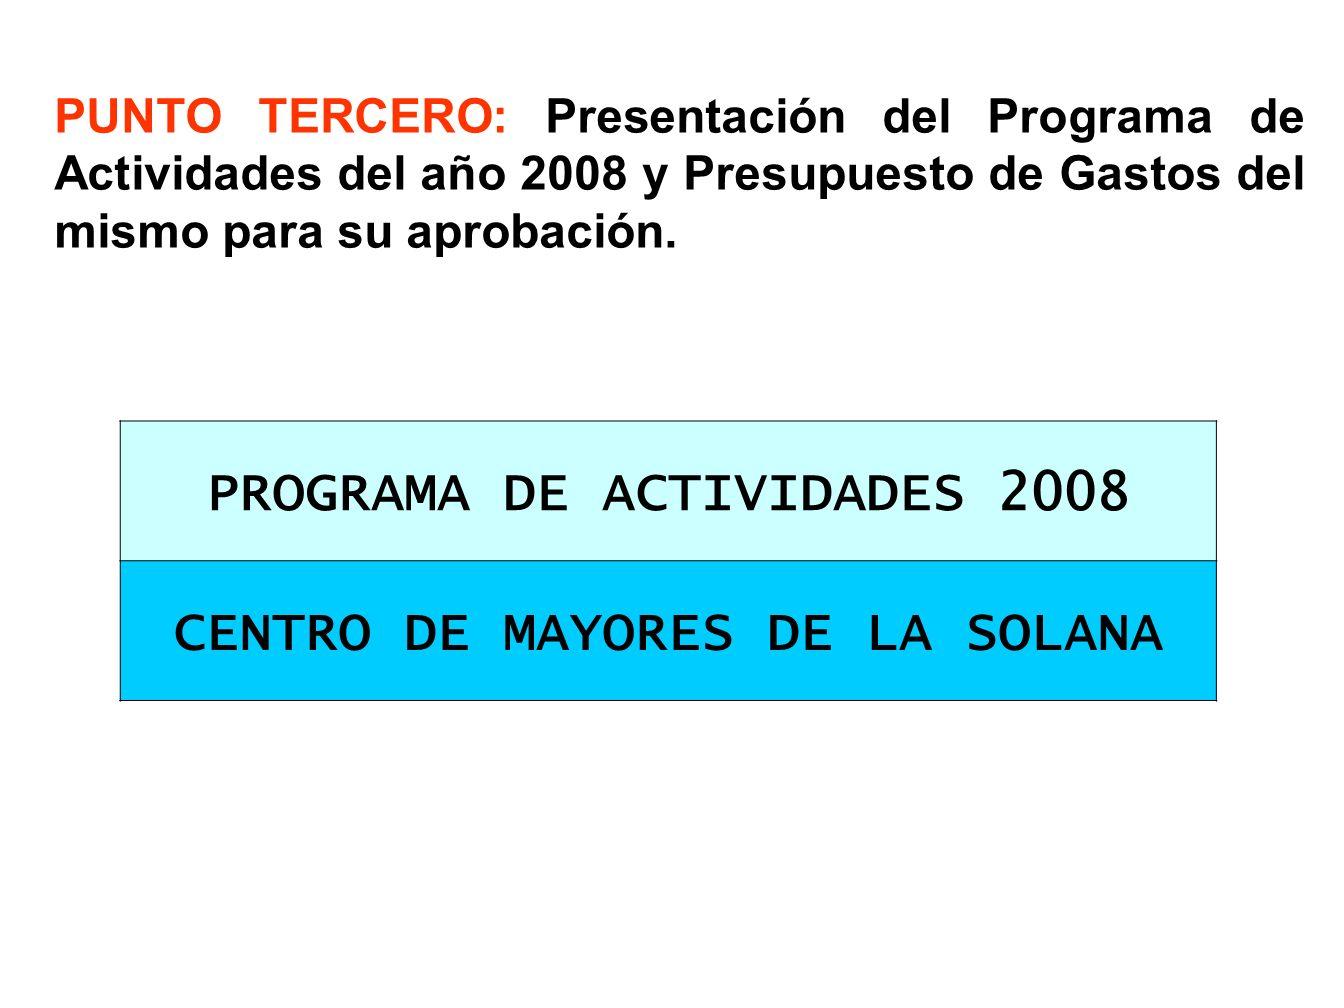 PROGRAMA DE ACTIVIDADES 2008 CENTRO DE MAYORES DE LA SOLANA